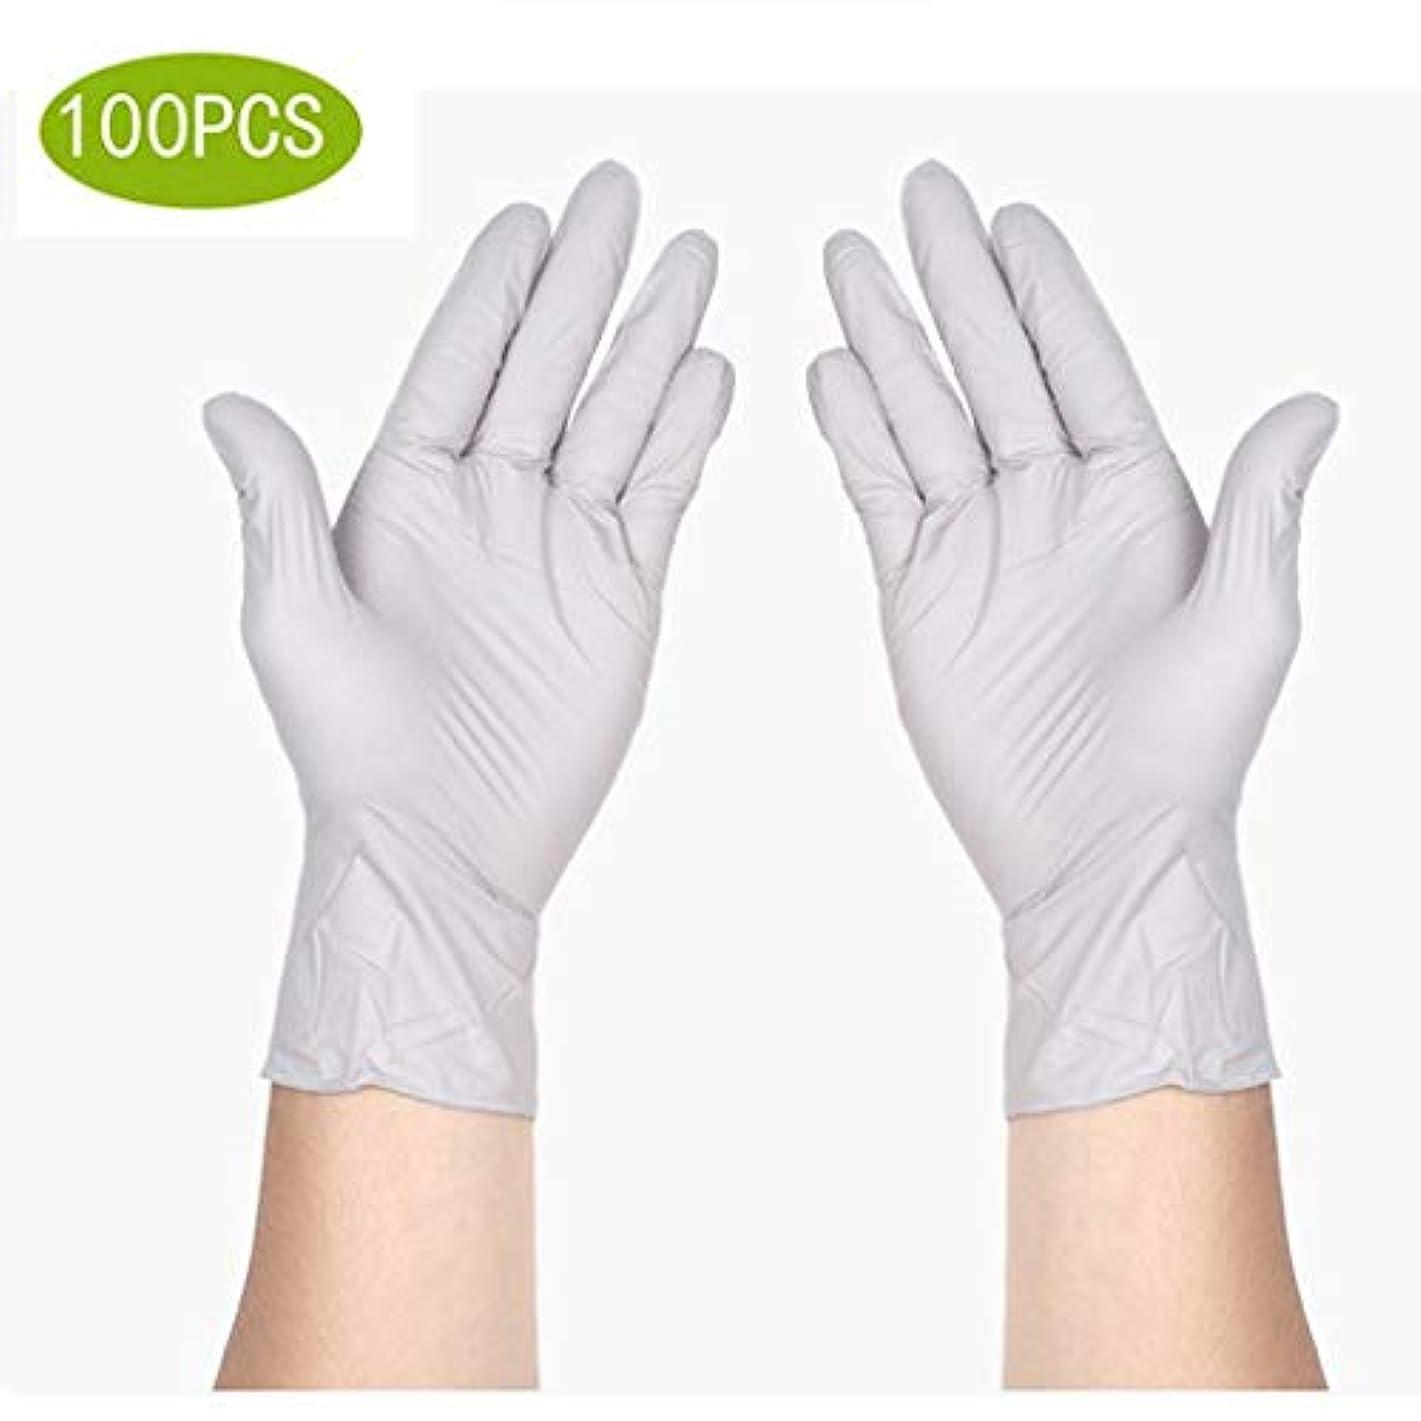 まだ先に正確サニタリー手袋ニトリル医療グレード試験用手袋、使い捨て、ラテックスフリー、100カウント滅菌使い捨て安全手袋 (Size : L)